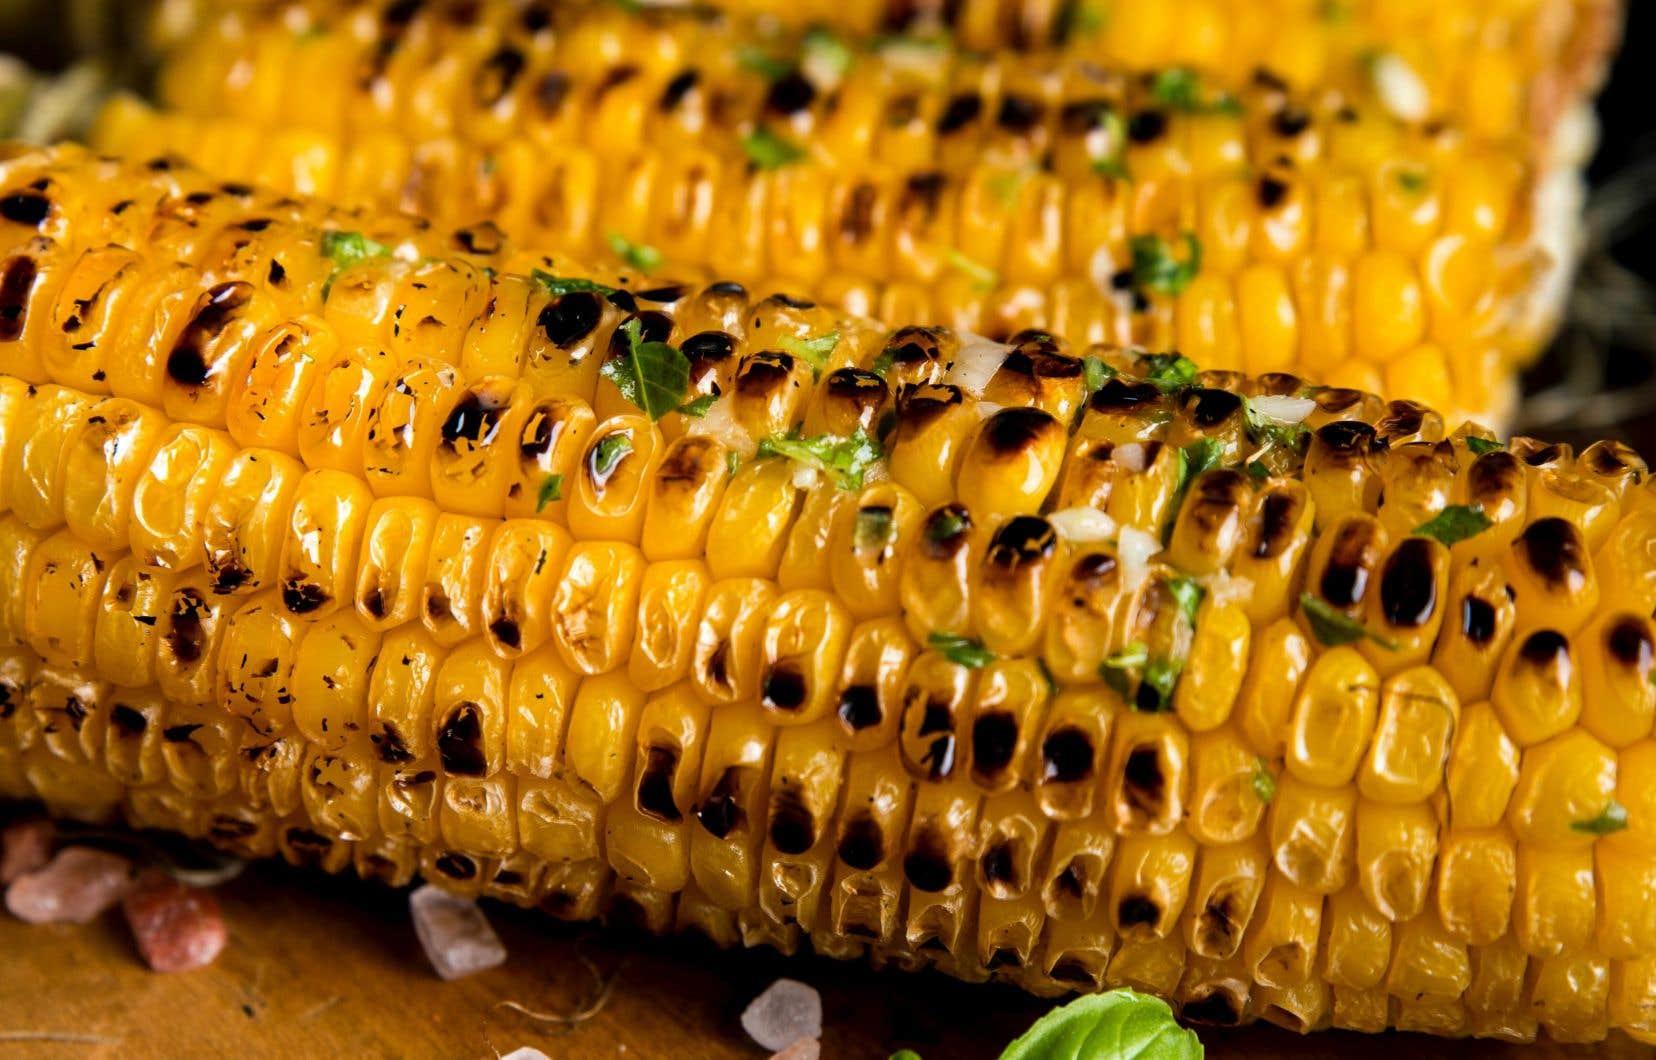 En été, Jean-Philippe Cyr aime particulièrement servir des épis de maïs grillés.